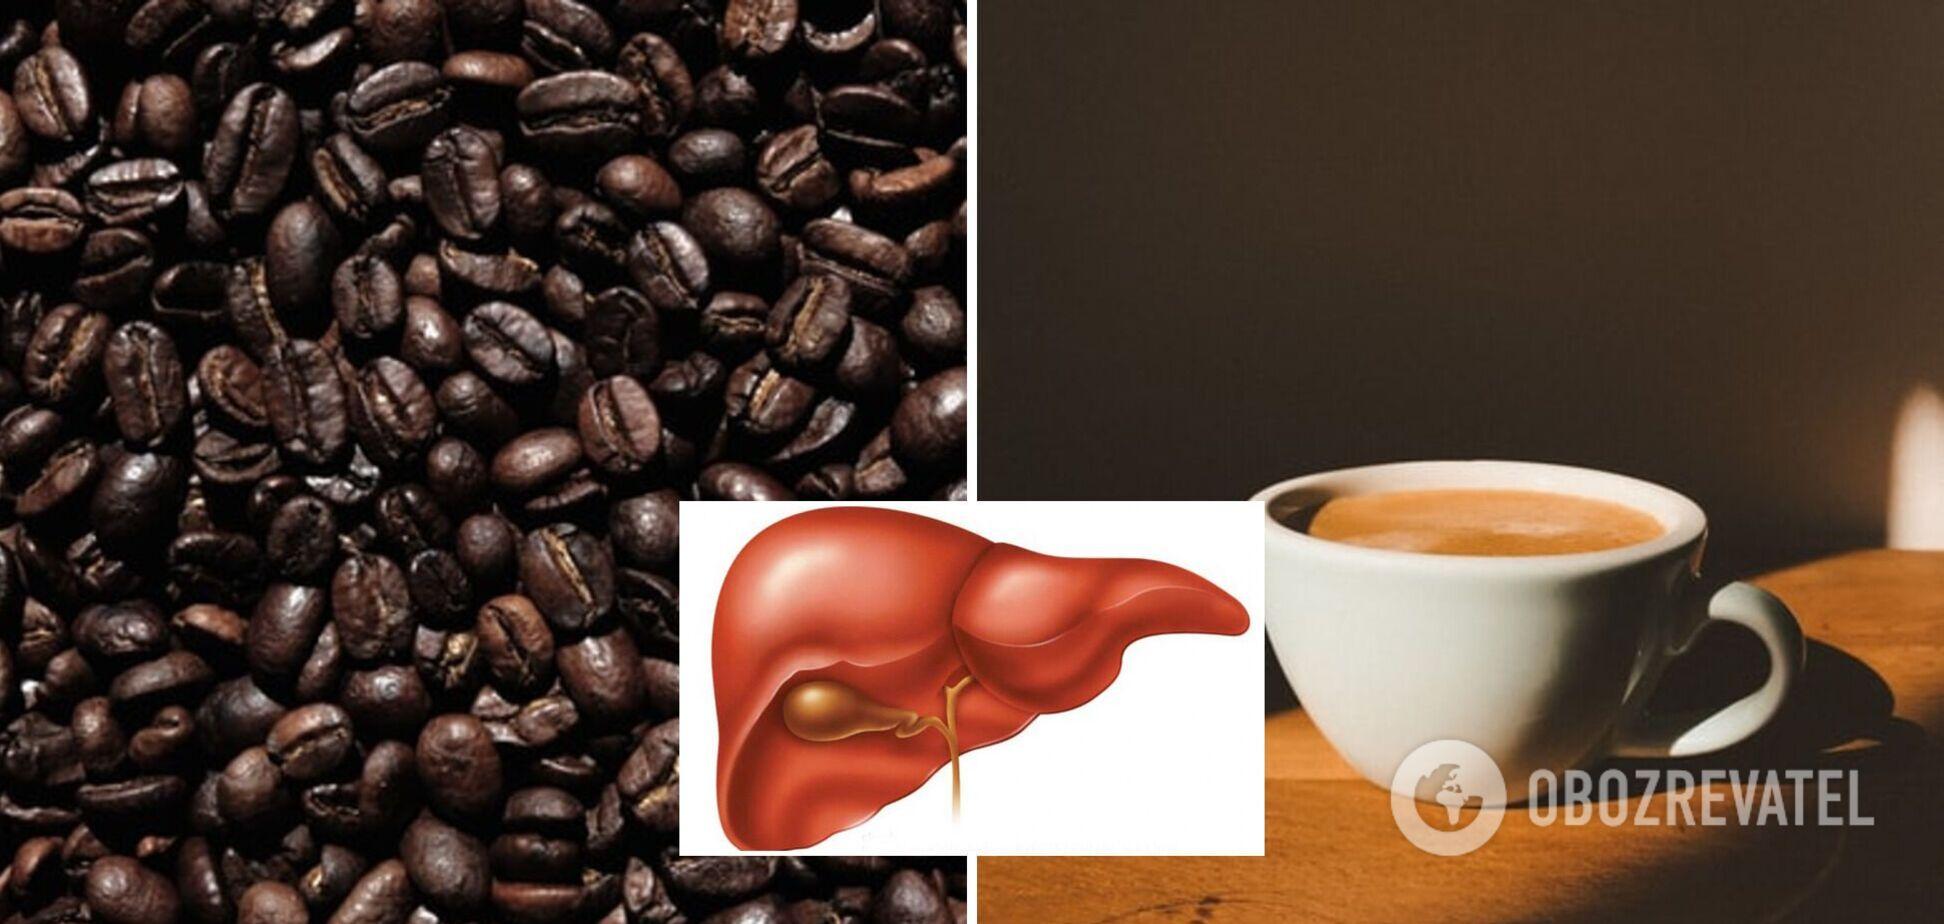 Употребление кофе может снижать риск развития заболеваний печени: результаты исследования